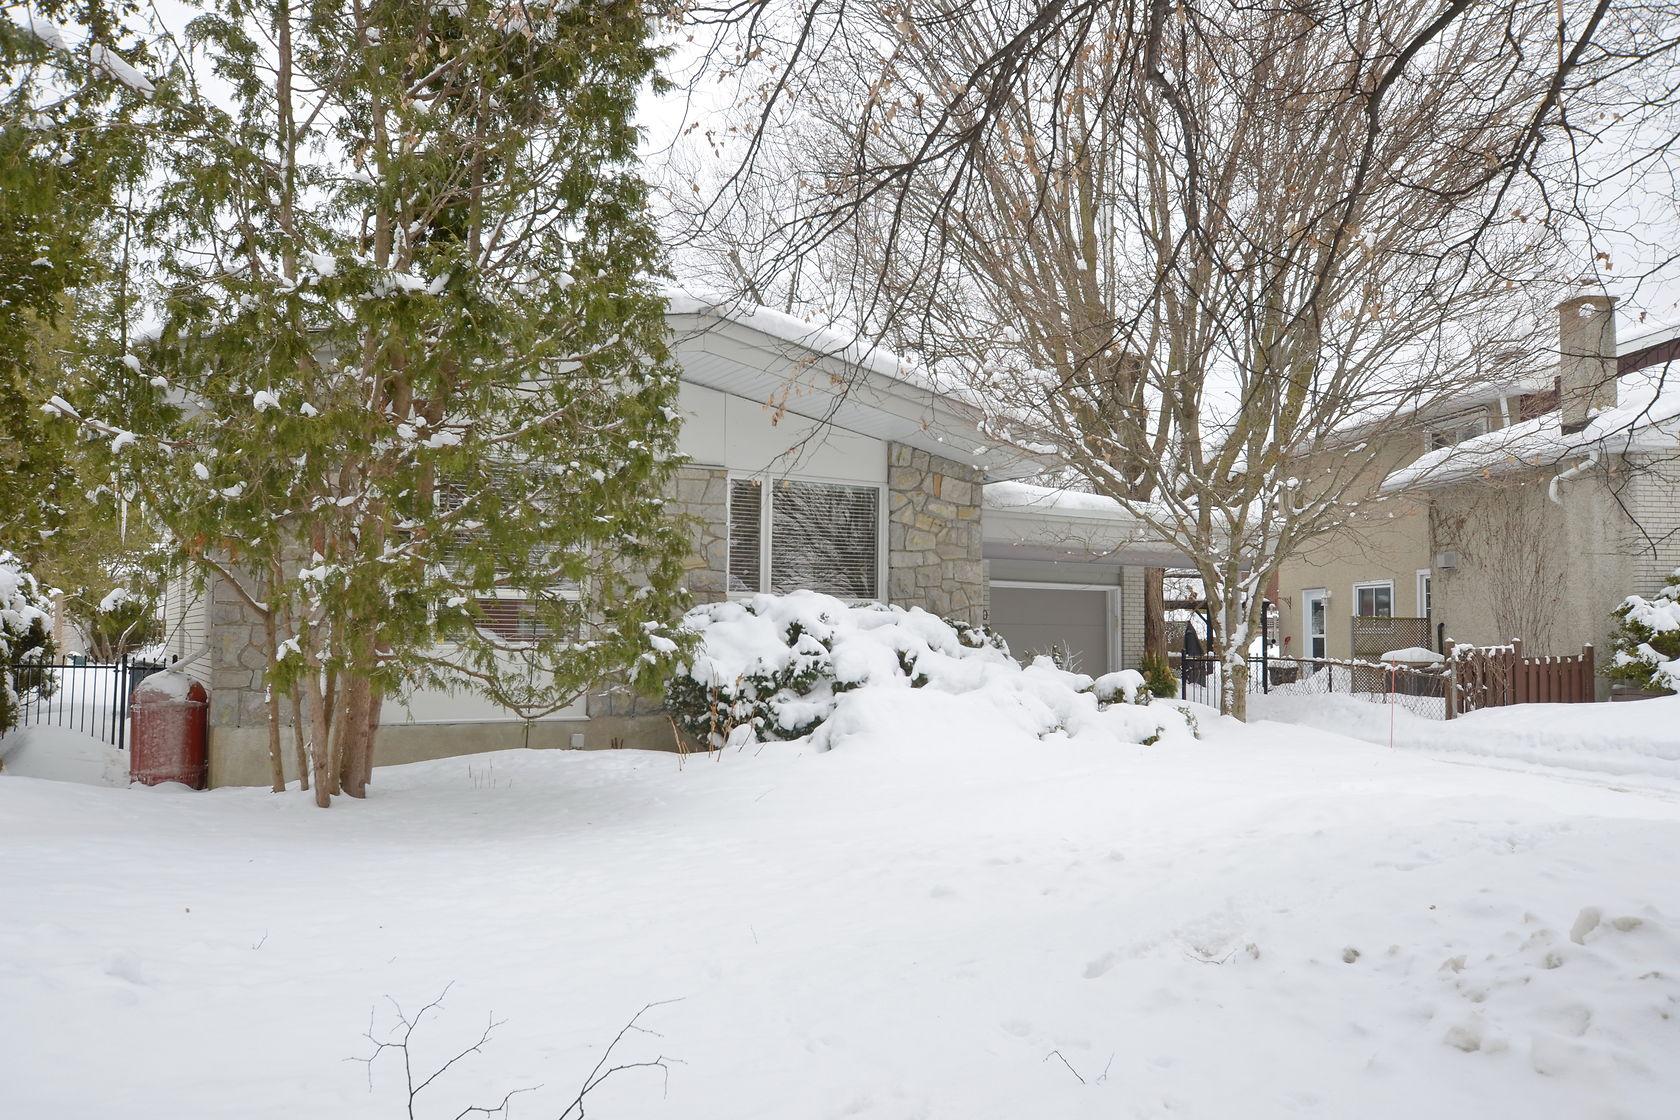 2290 Horton St, Ottawa, Ontario  K1G 3E8 - Photo 2 - RP8272482604